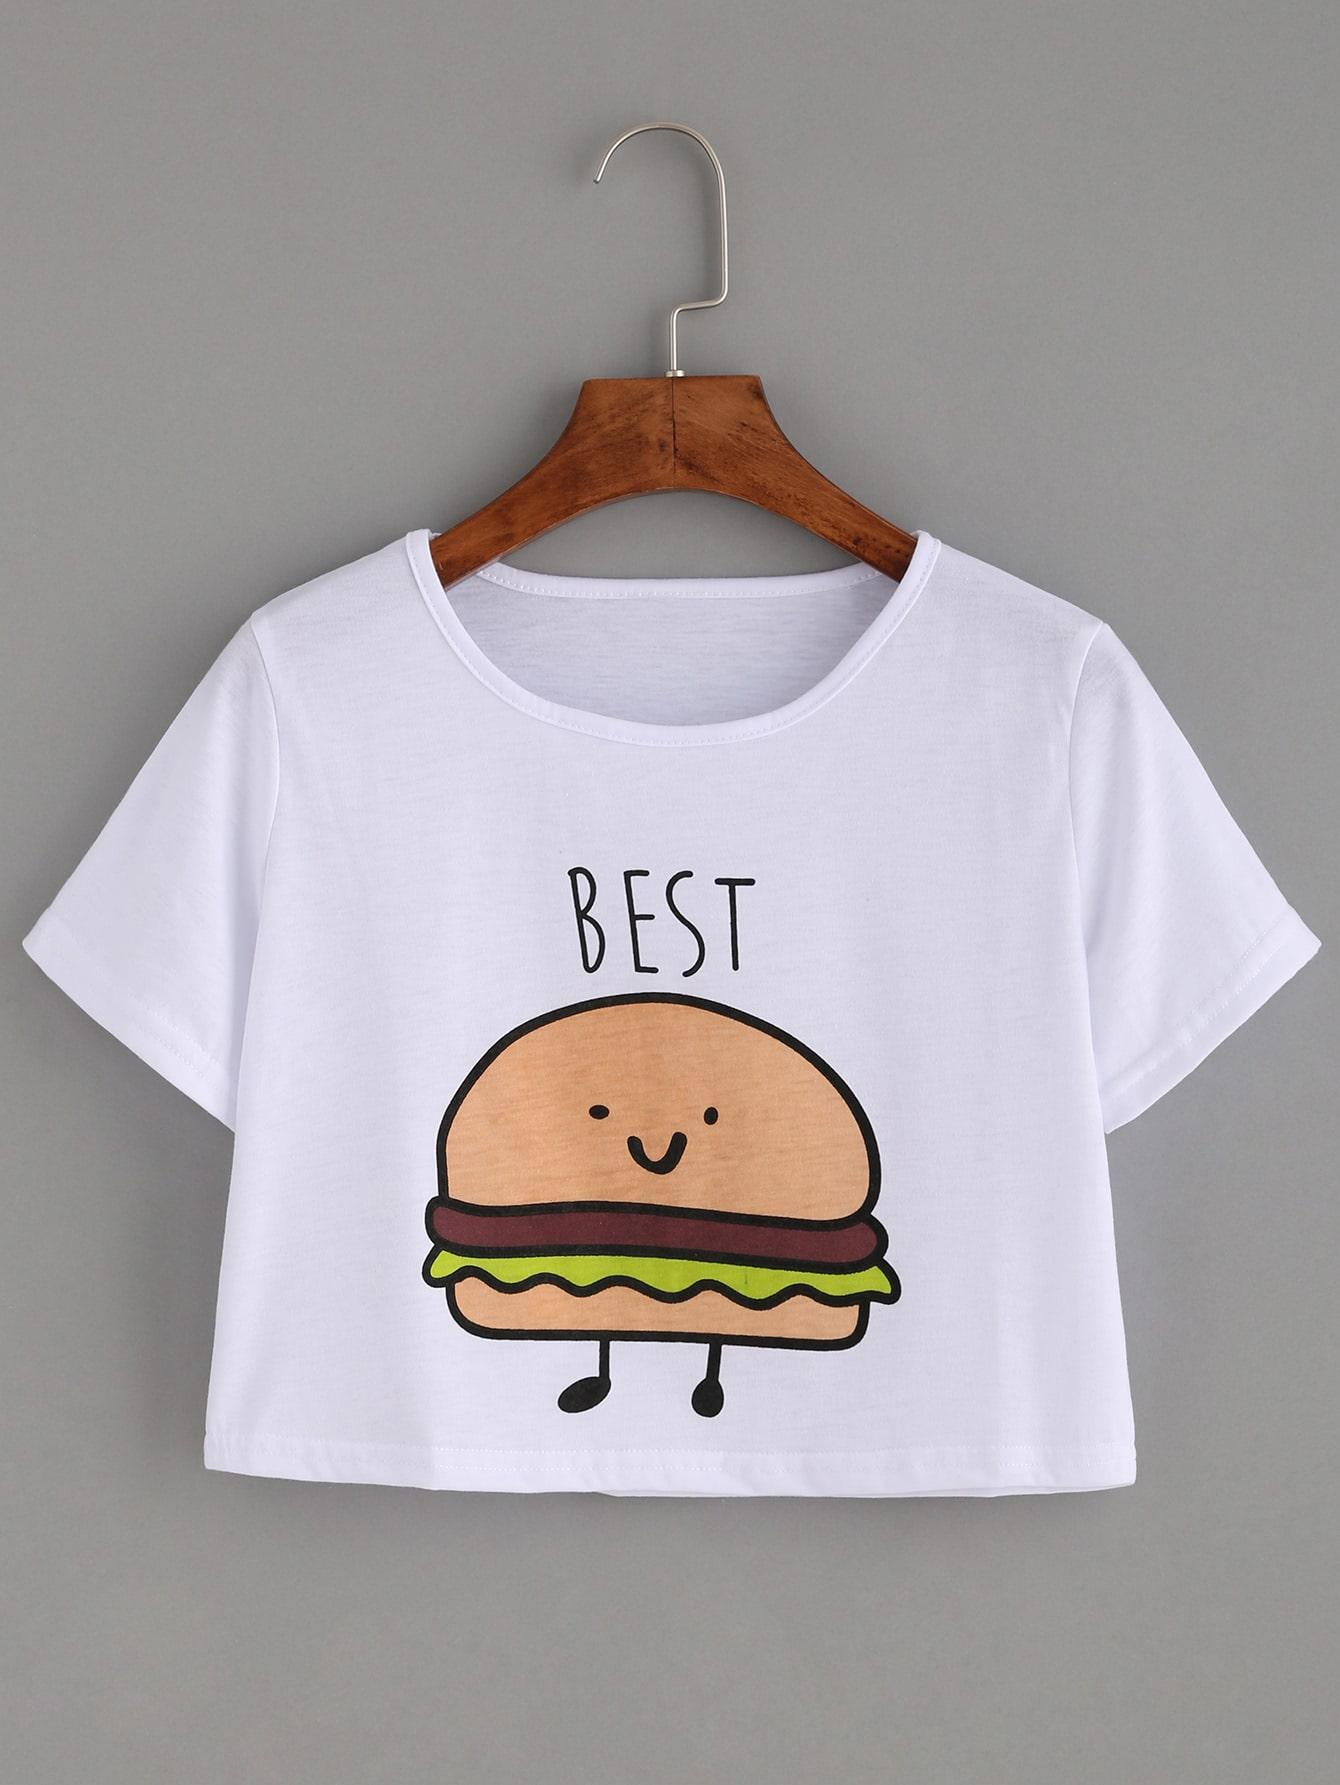 White Print Crop T-shirtWhite Print Crop T-shirt<br><br>color: White<br>size: L,XL,XXL